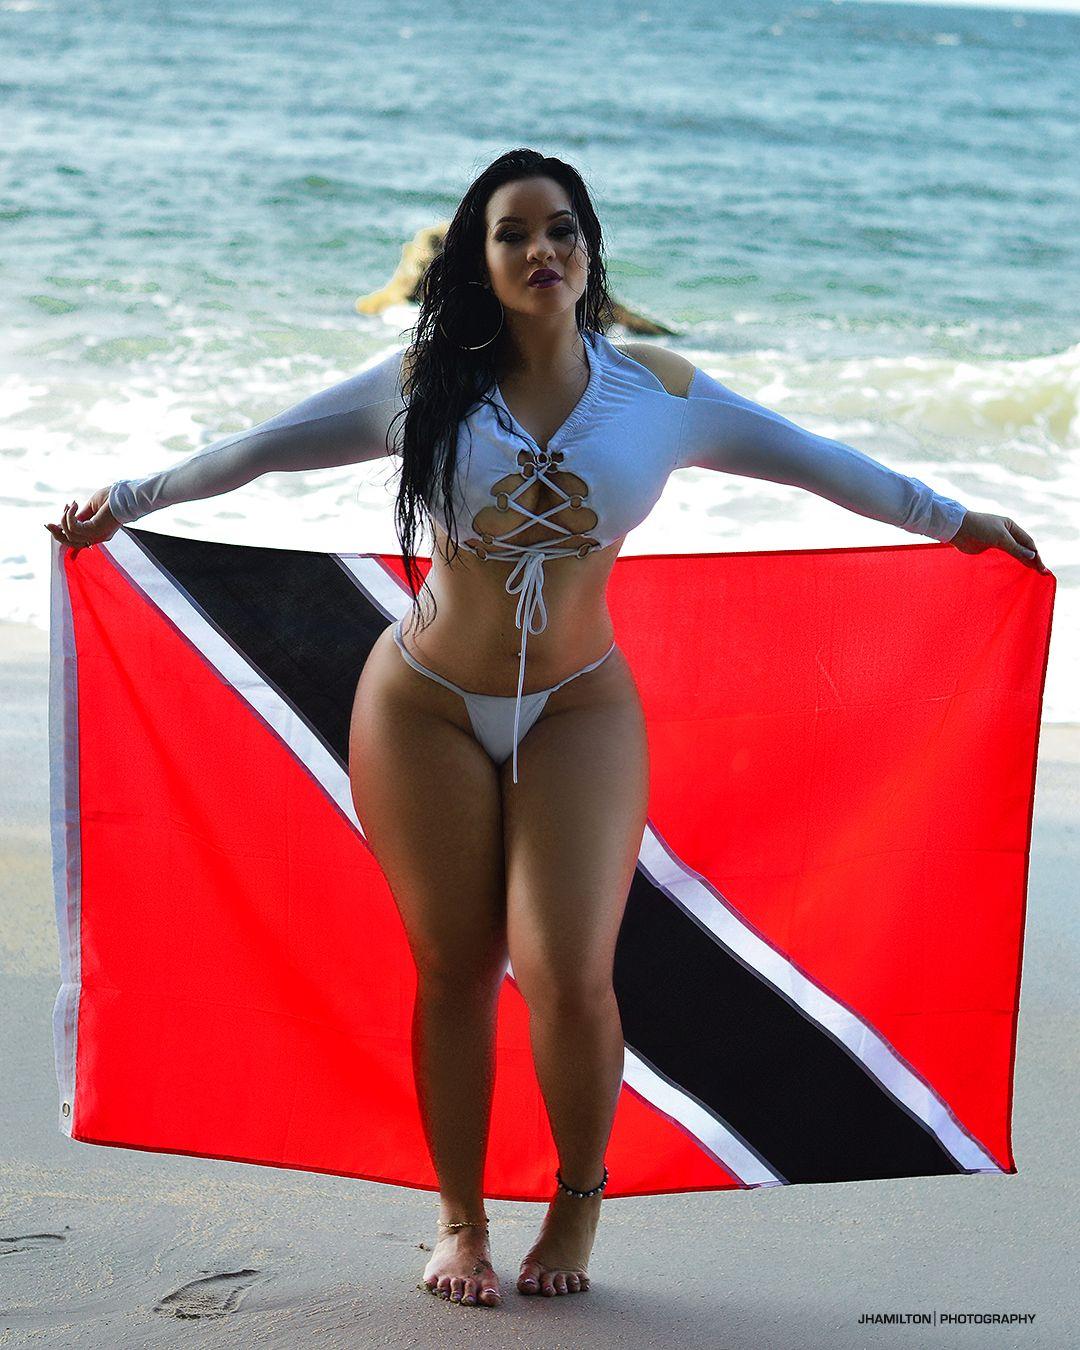 Booty Megan Trinidad nude photos 2019